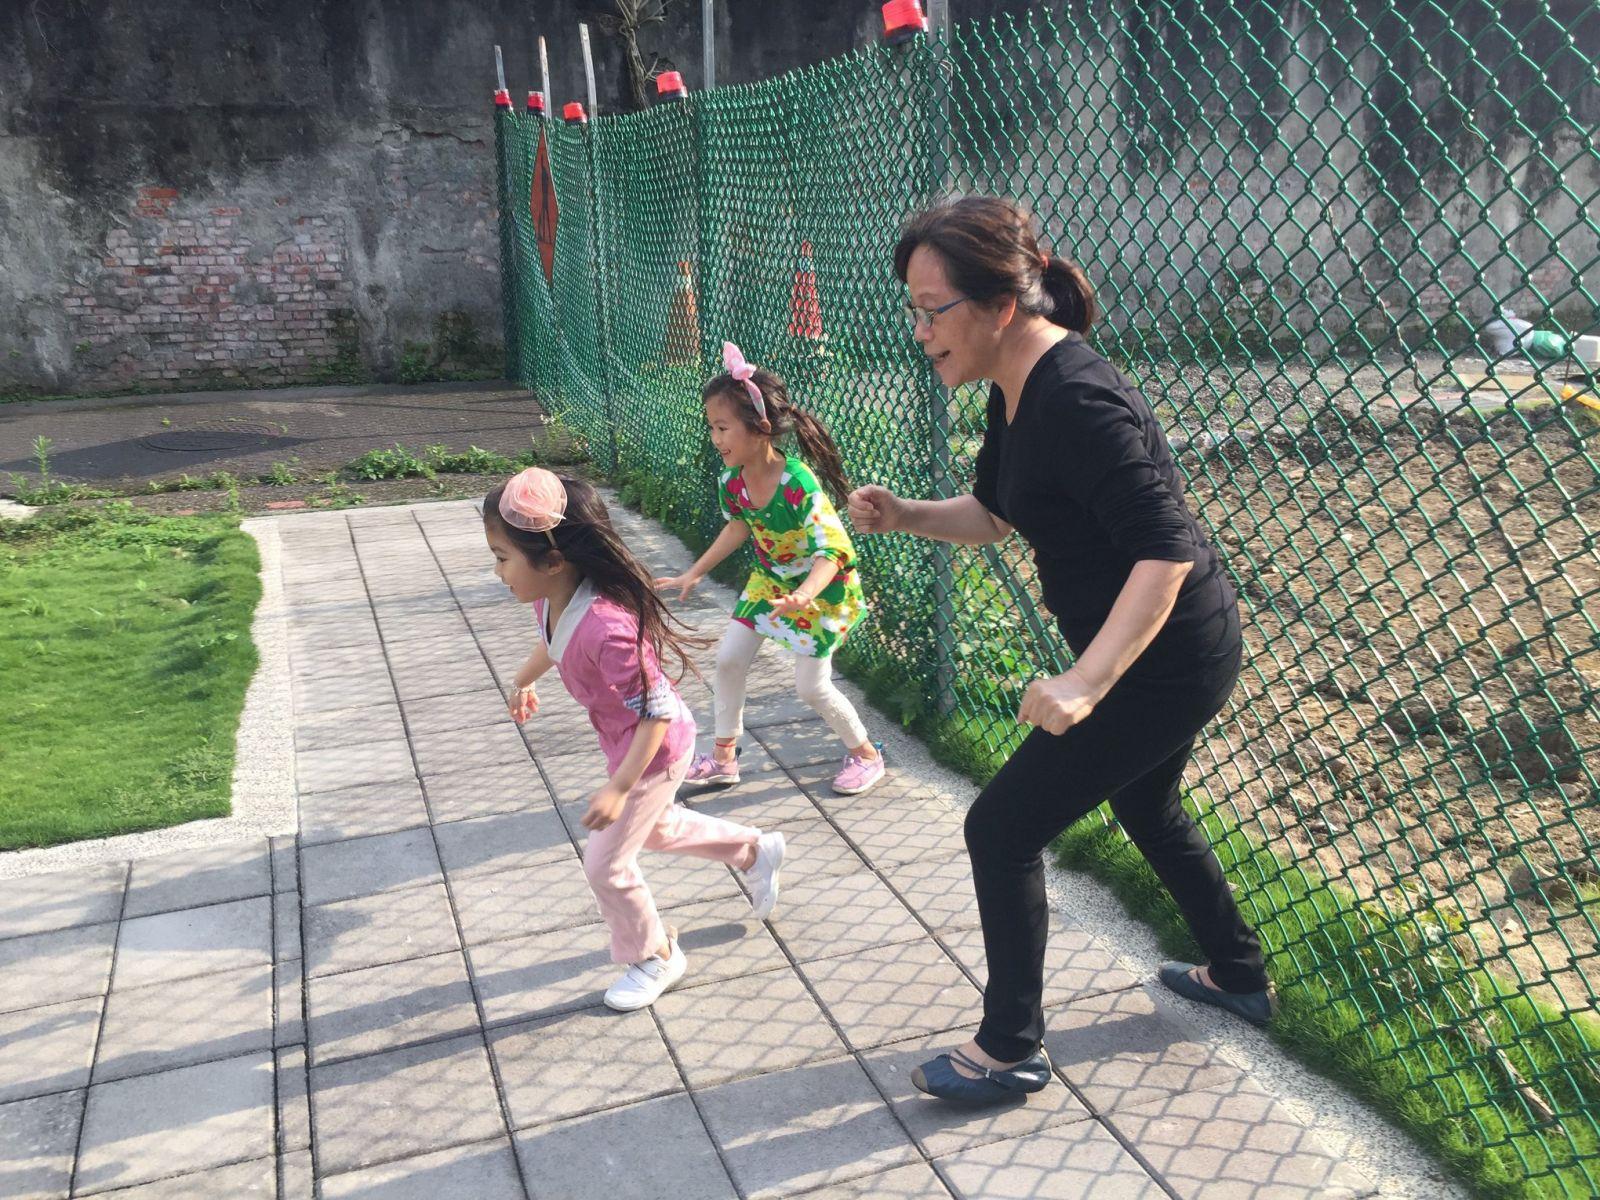 廖玉蕙/孫女教我的事:50歲後,學會蹲下身子,站成跟孩子一樣的高度,才能深刻感受生命的奧義